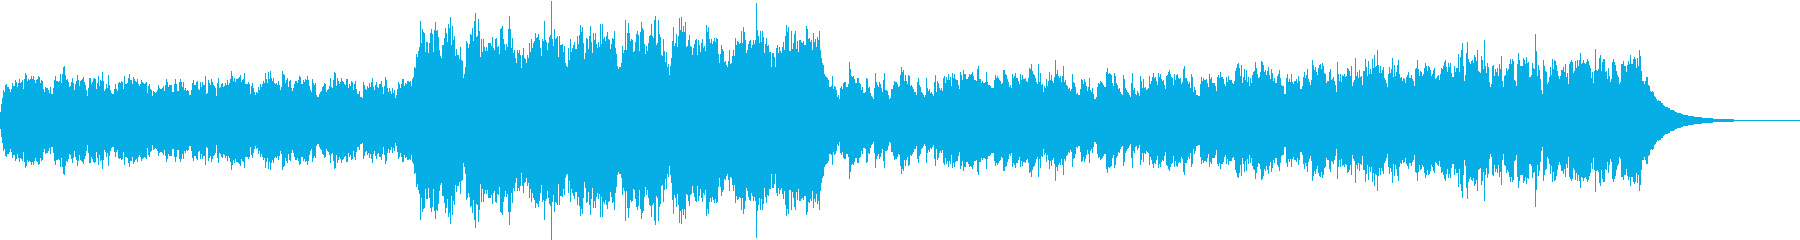 ふわふわ怪しいオーケストラの再生済みの波形